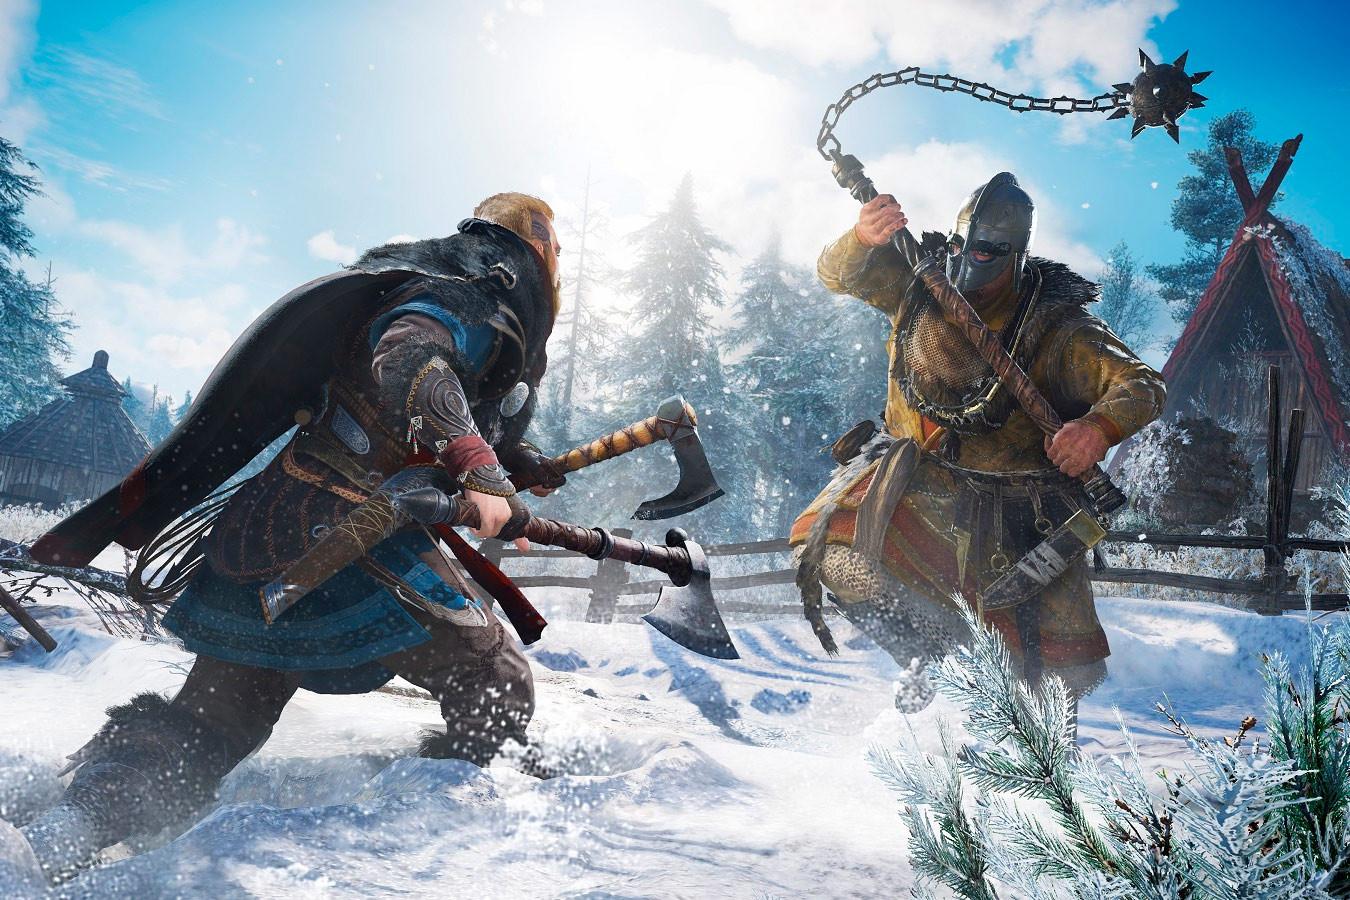 Лучшие игры ноября 2020 года на ПК, PS4, PS5 и Xbox: когда выйдут новинки